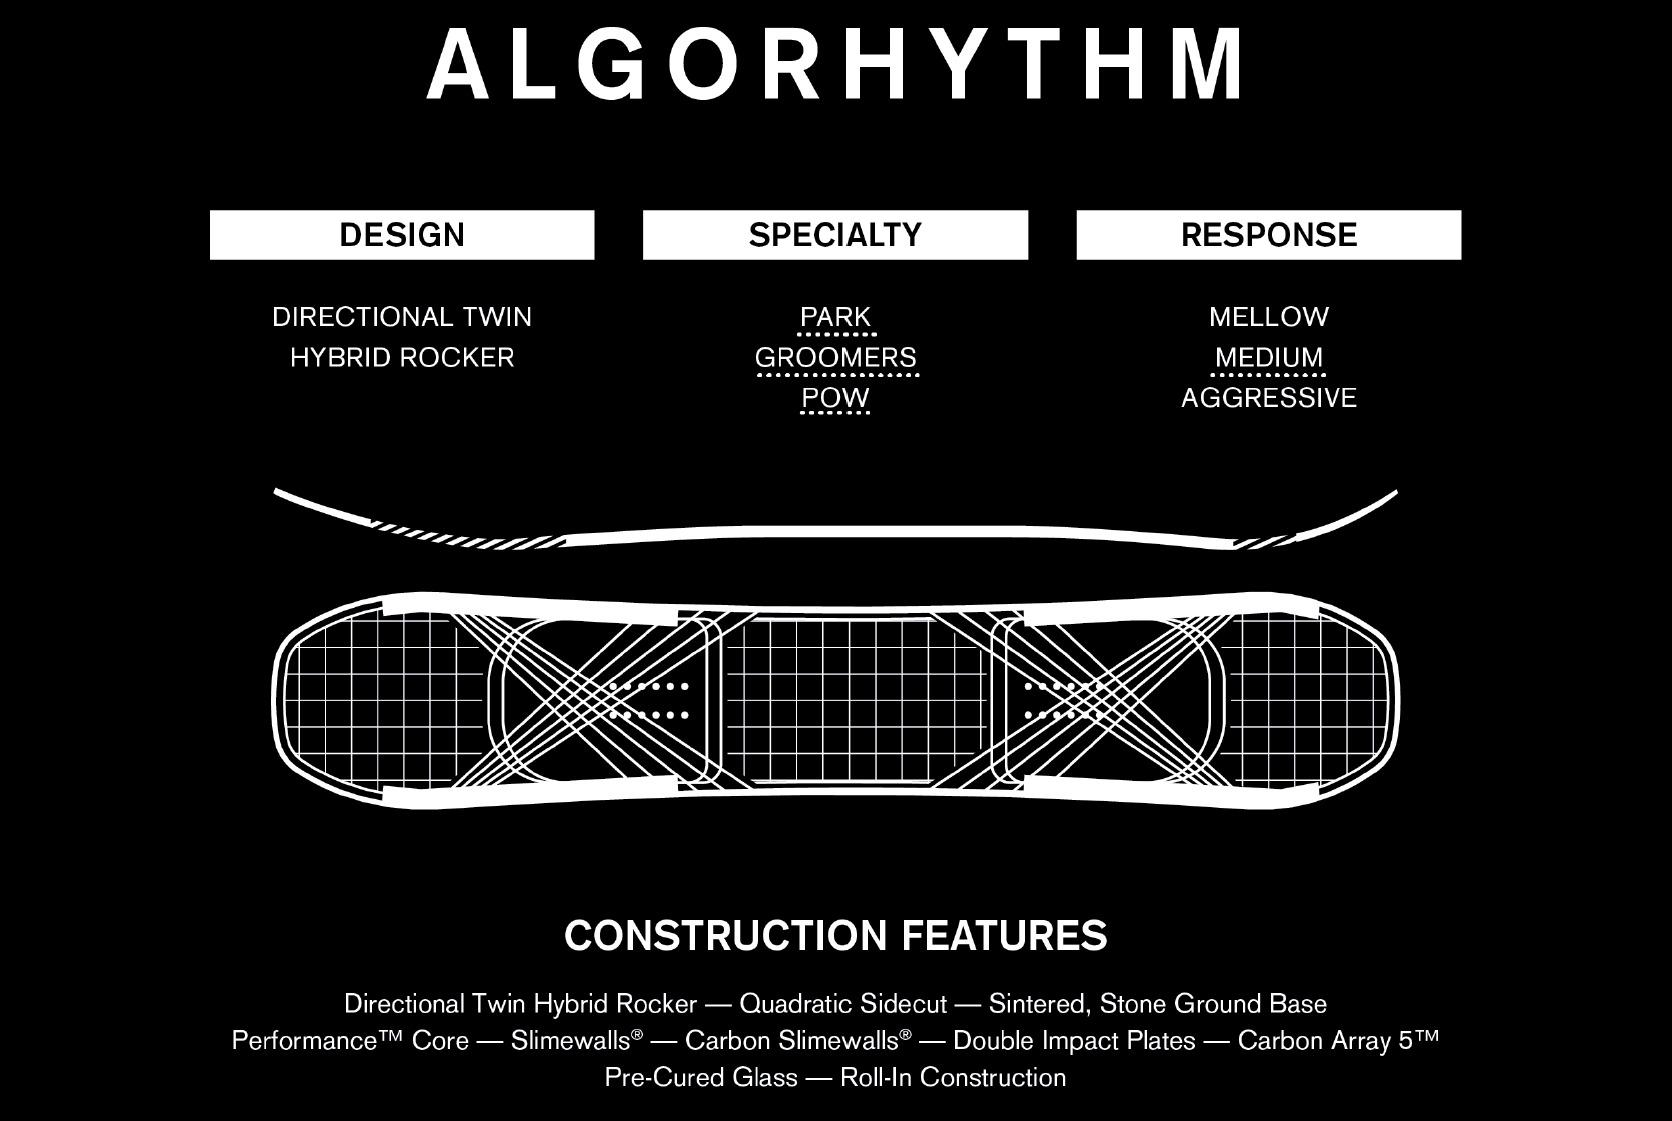 Alogorythm 2022, Ride Snowboards